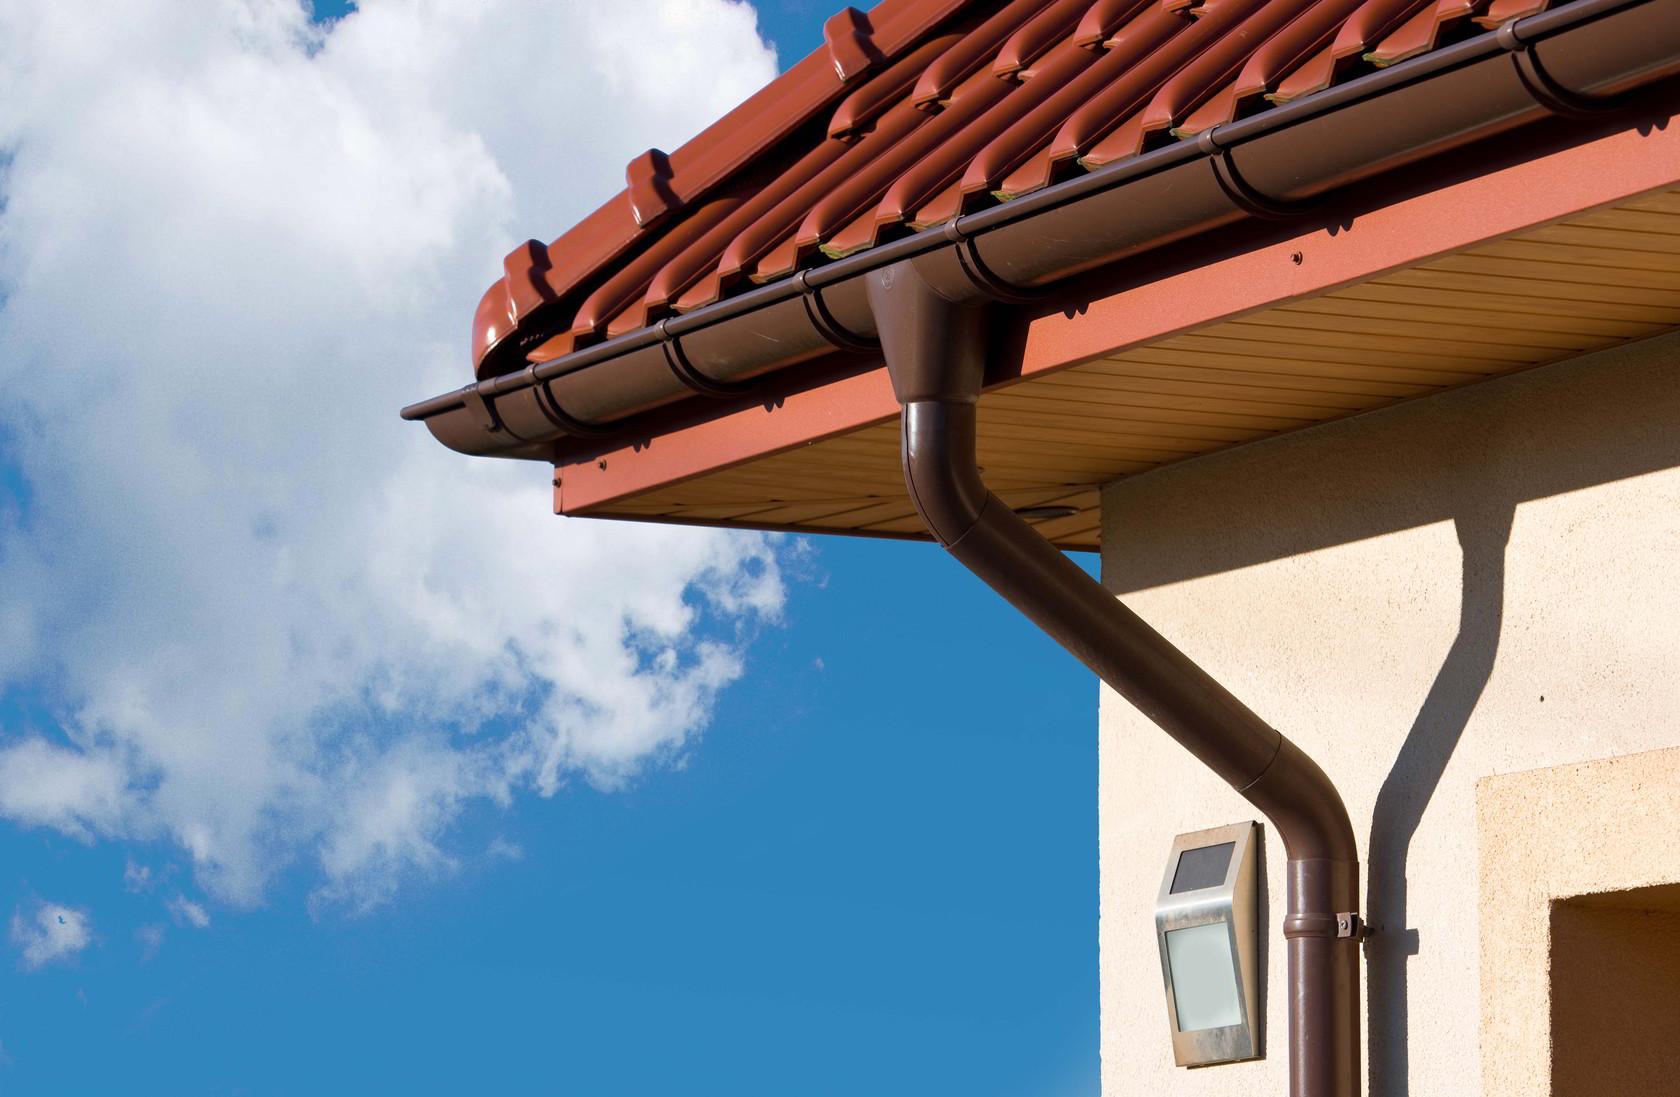 чего сливы для крыши в картинках против